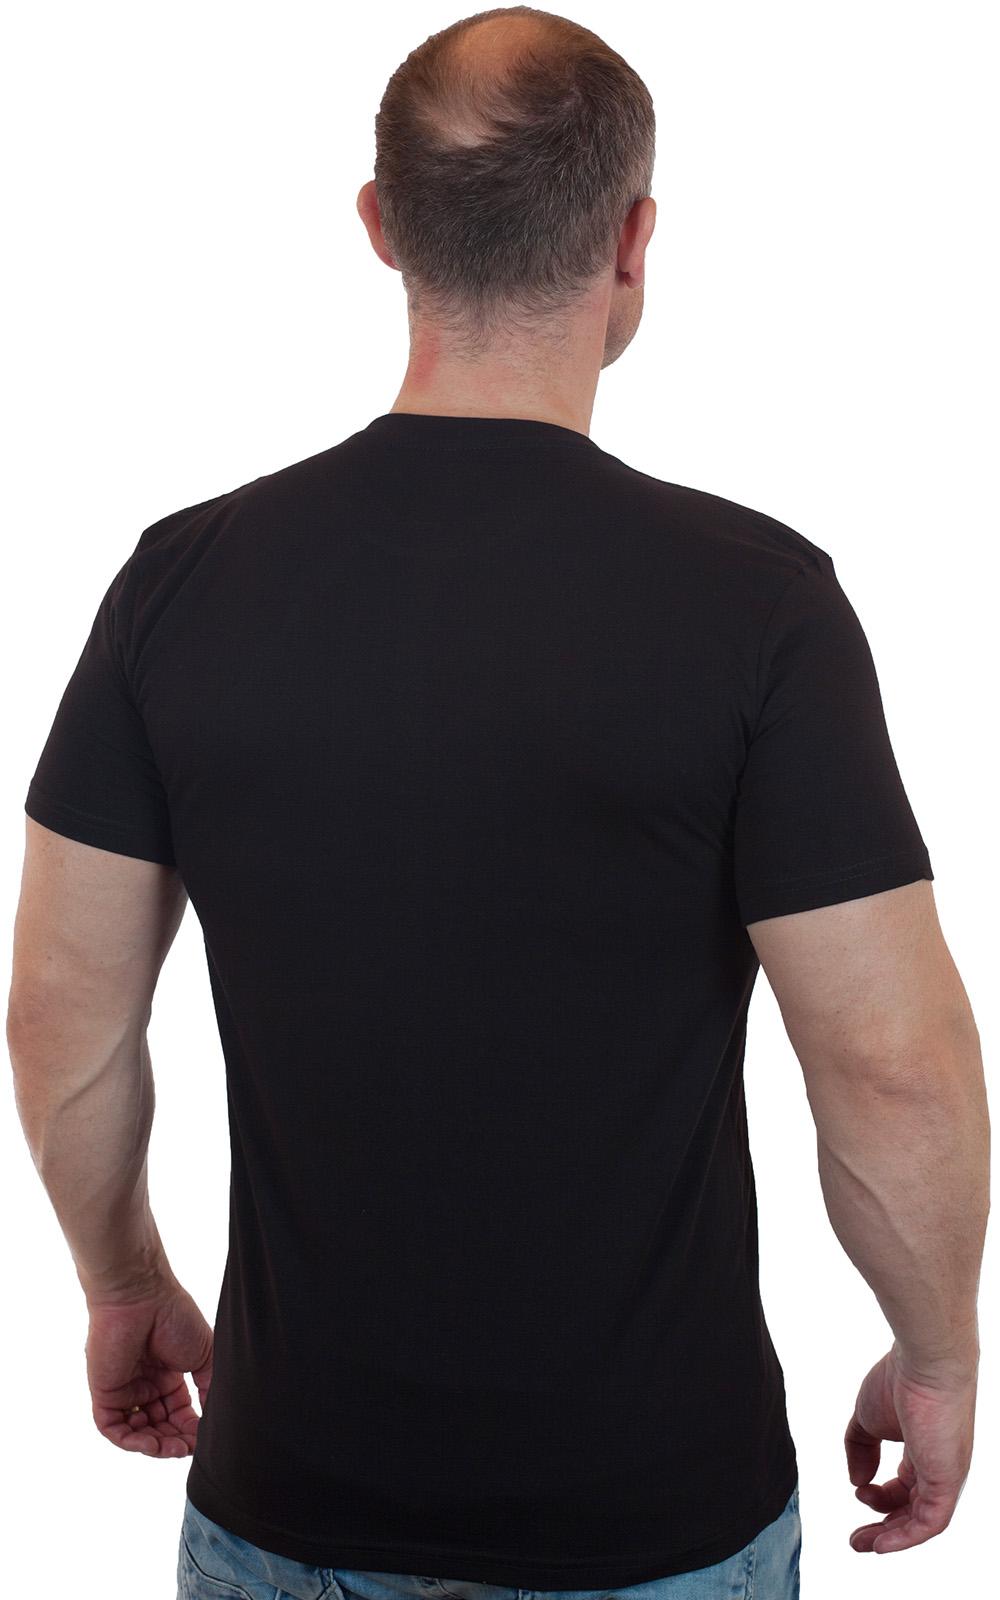 Черная футболка с вышивкой Морская Пехота 810-я ОБрМП - купить выгодно